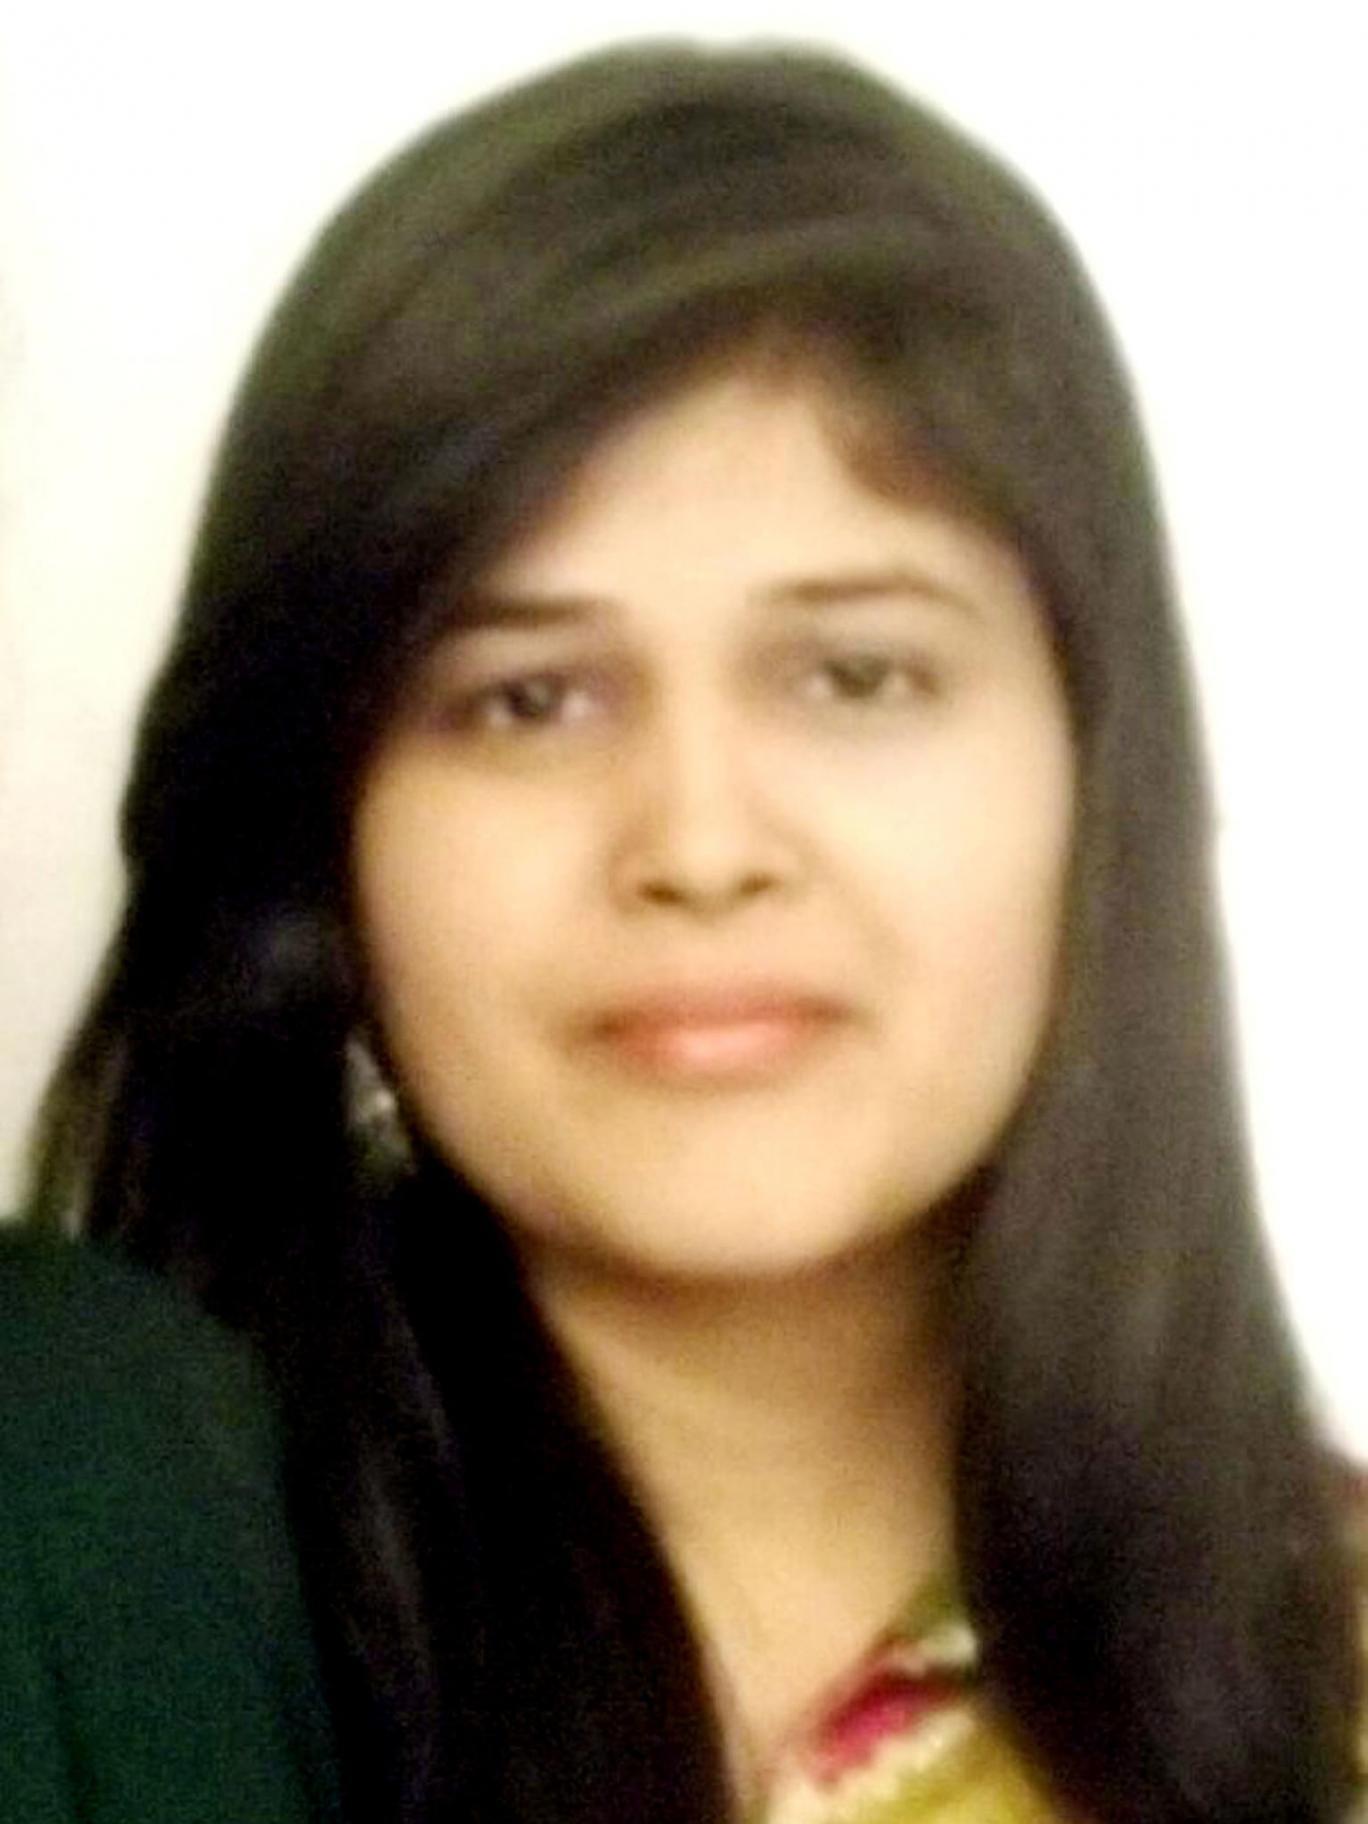 Nida Ul-Naseer who went missing nine days ago